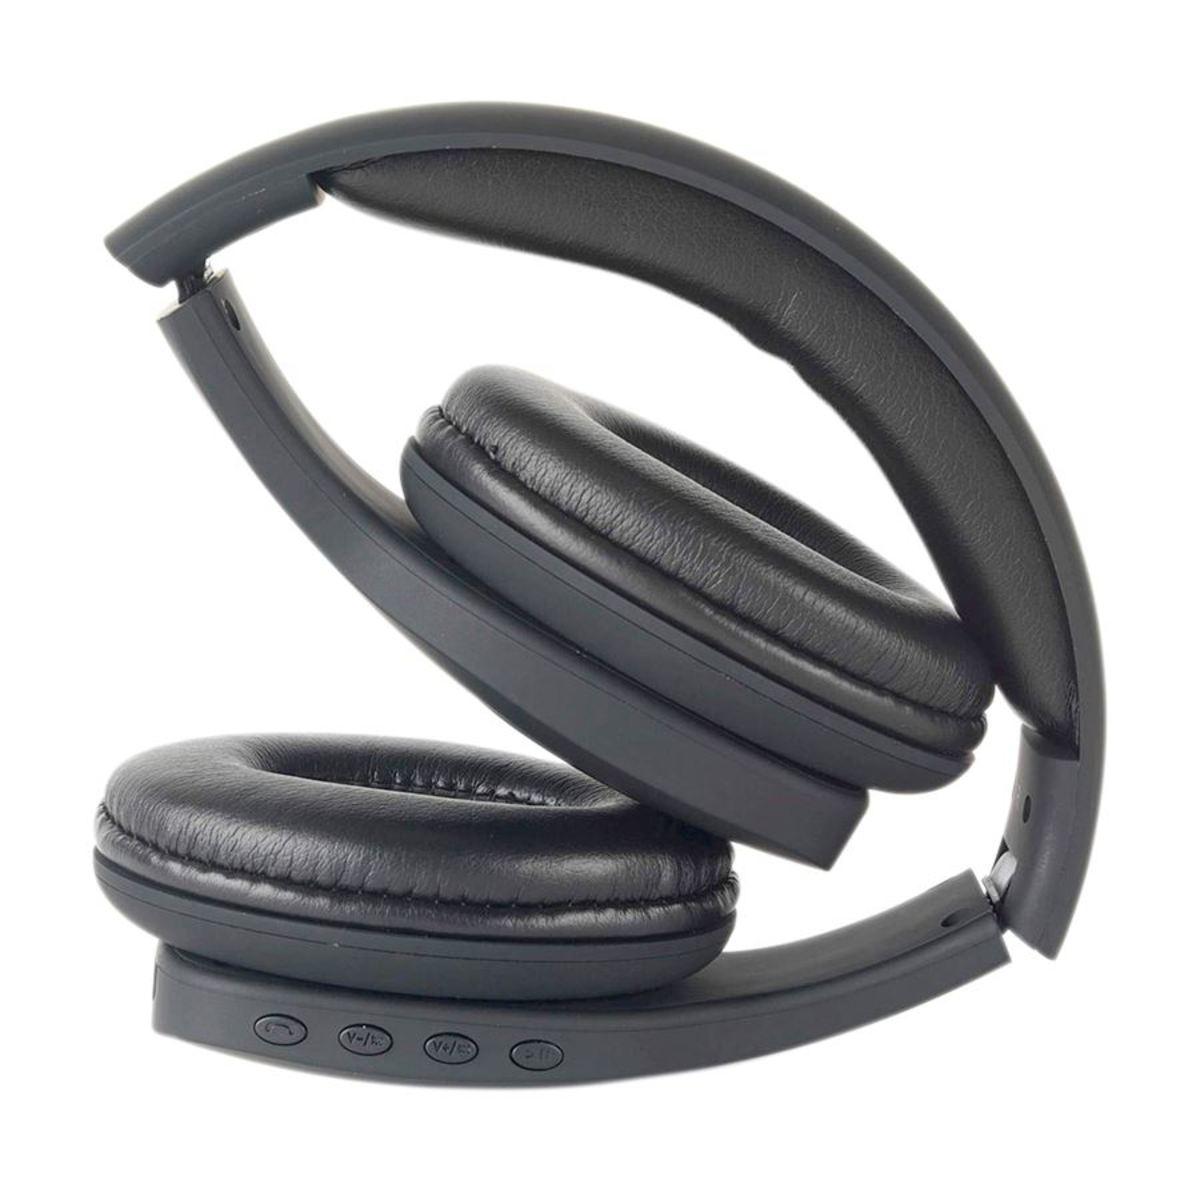 Bild 2 von Intempo Bluetooth Melody-Kopfhörer EE1 178